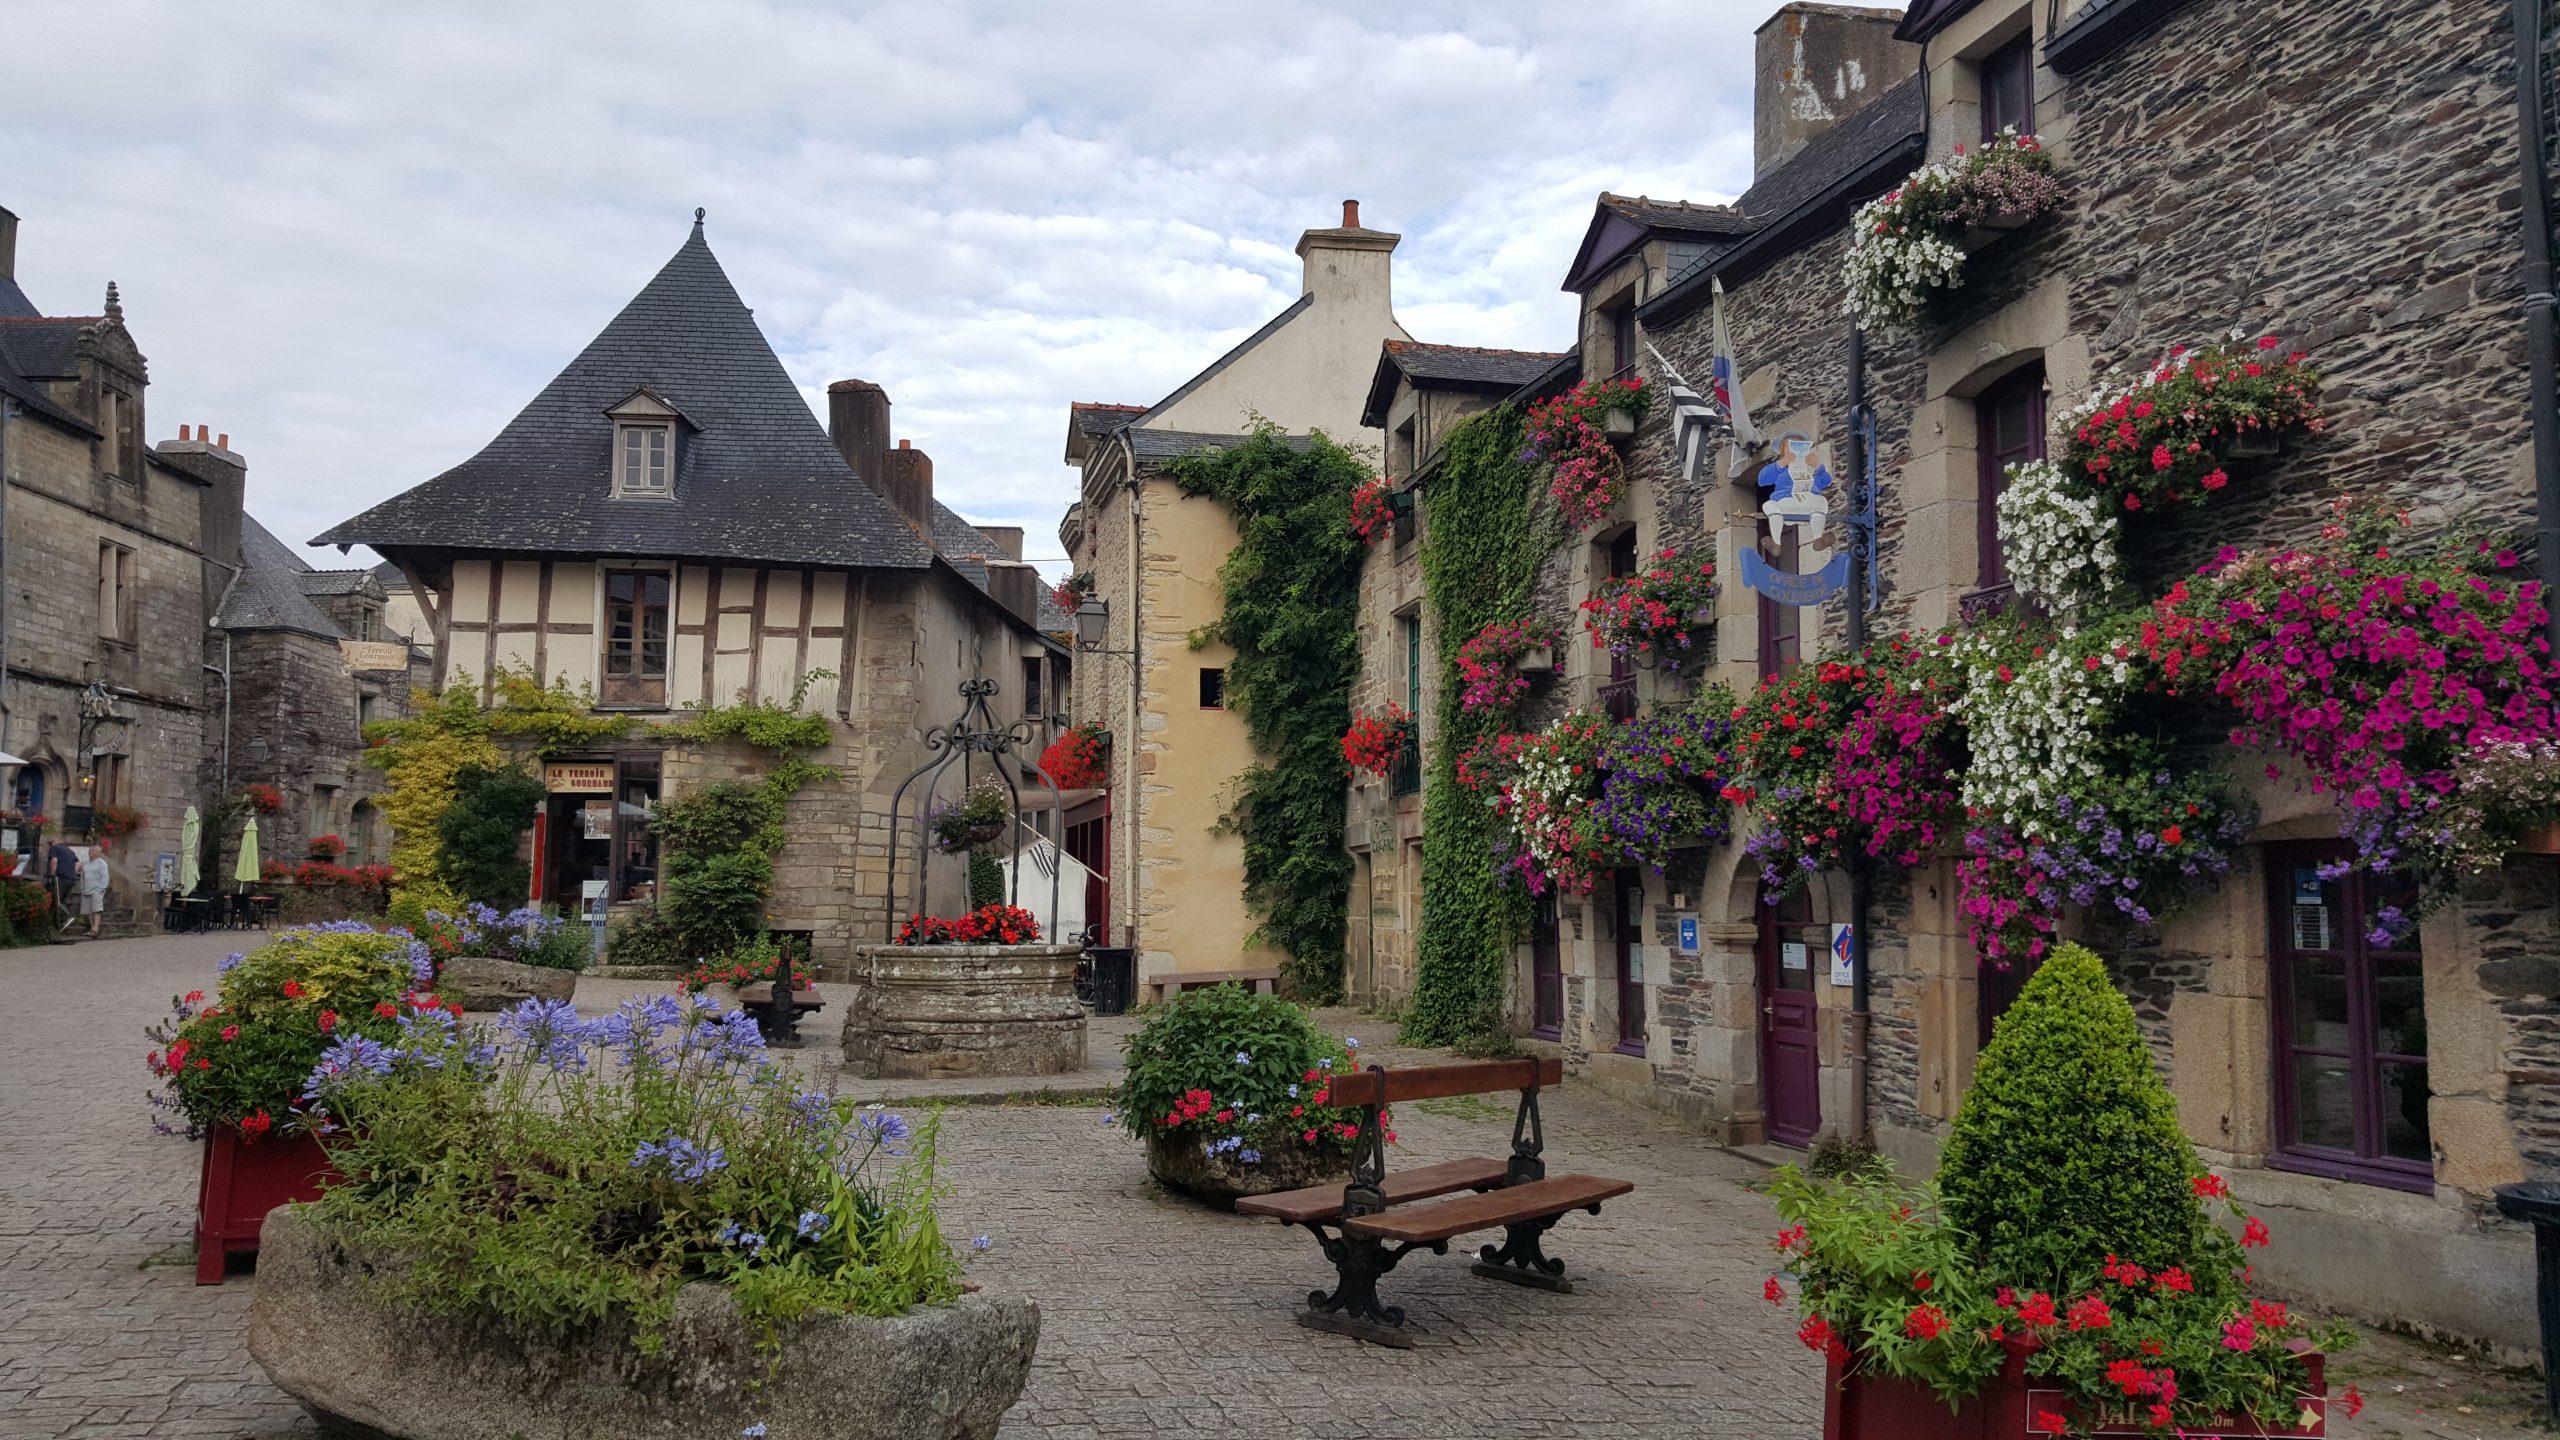 Rochefort-en-Terre, een verrassende 'citytrip' naar het Bloemendorp van Frankrijk